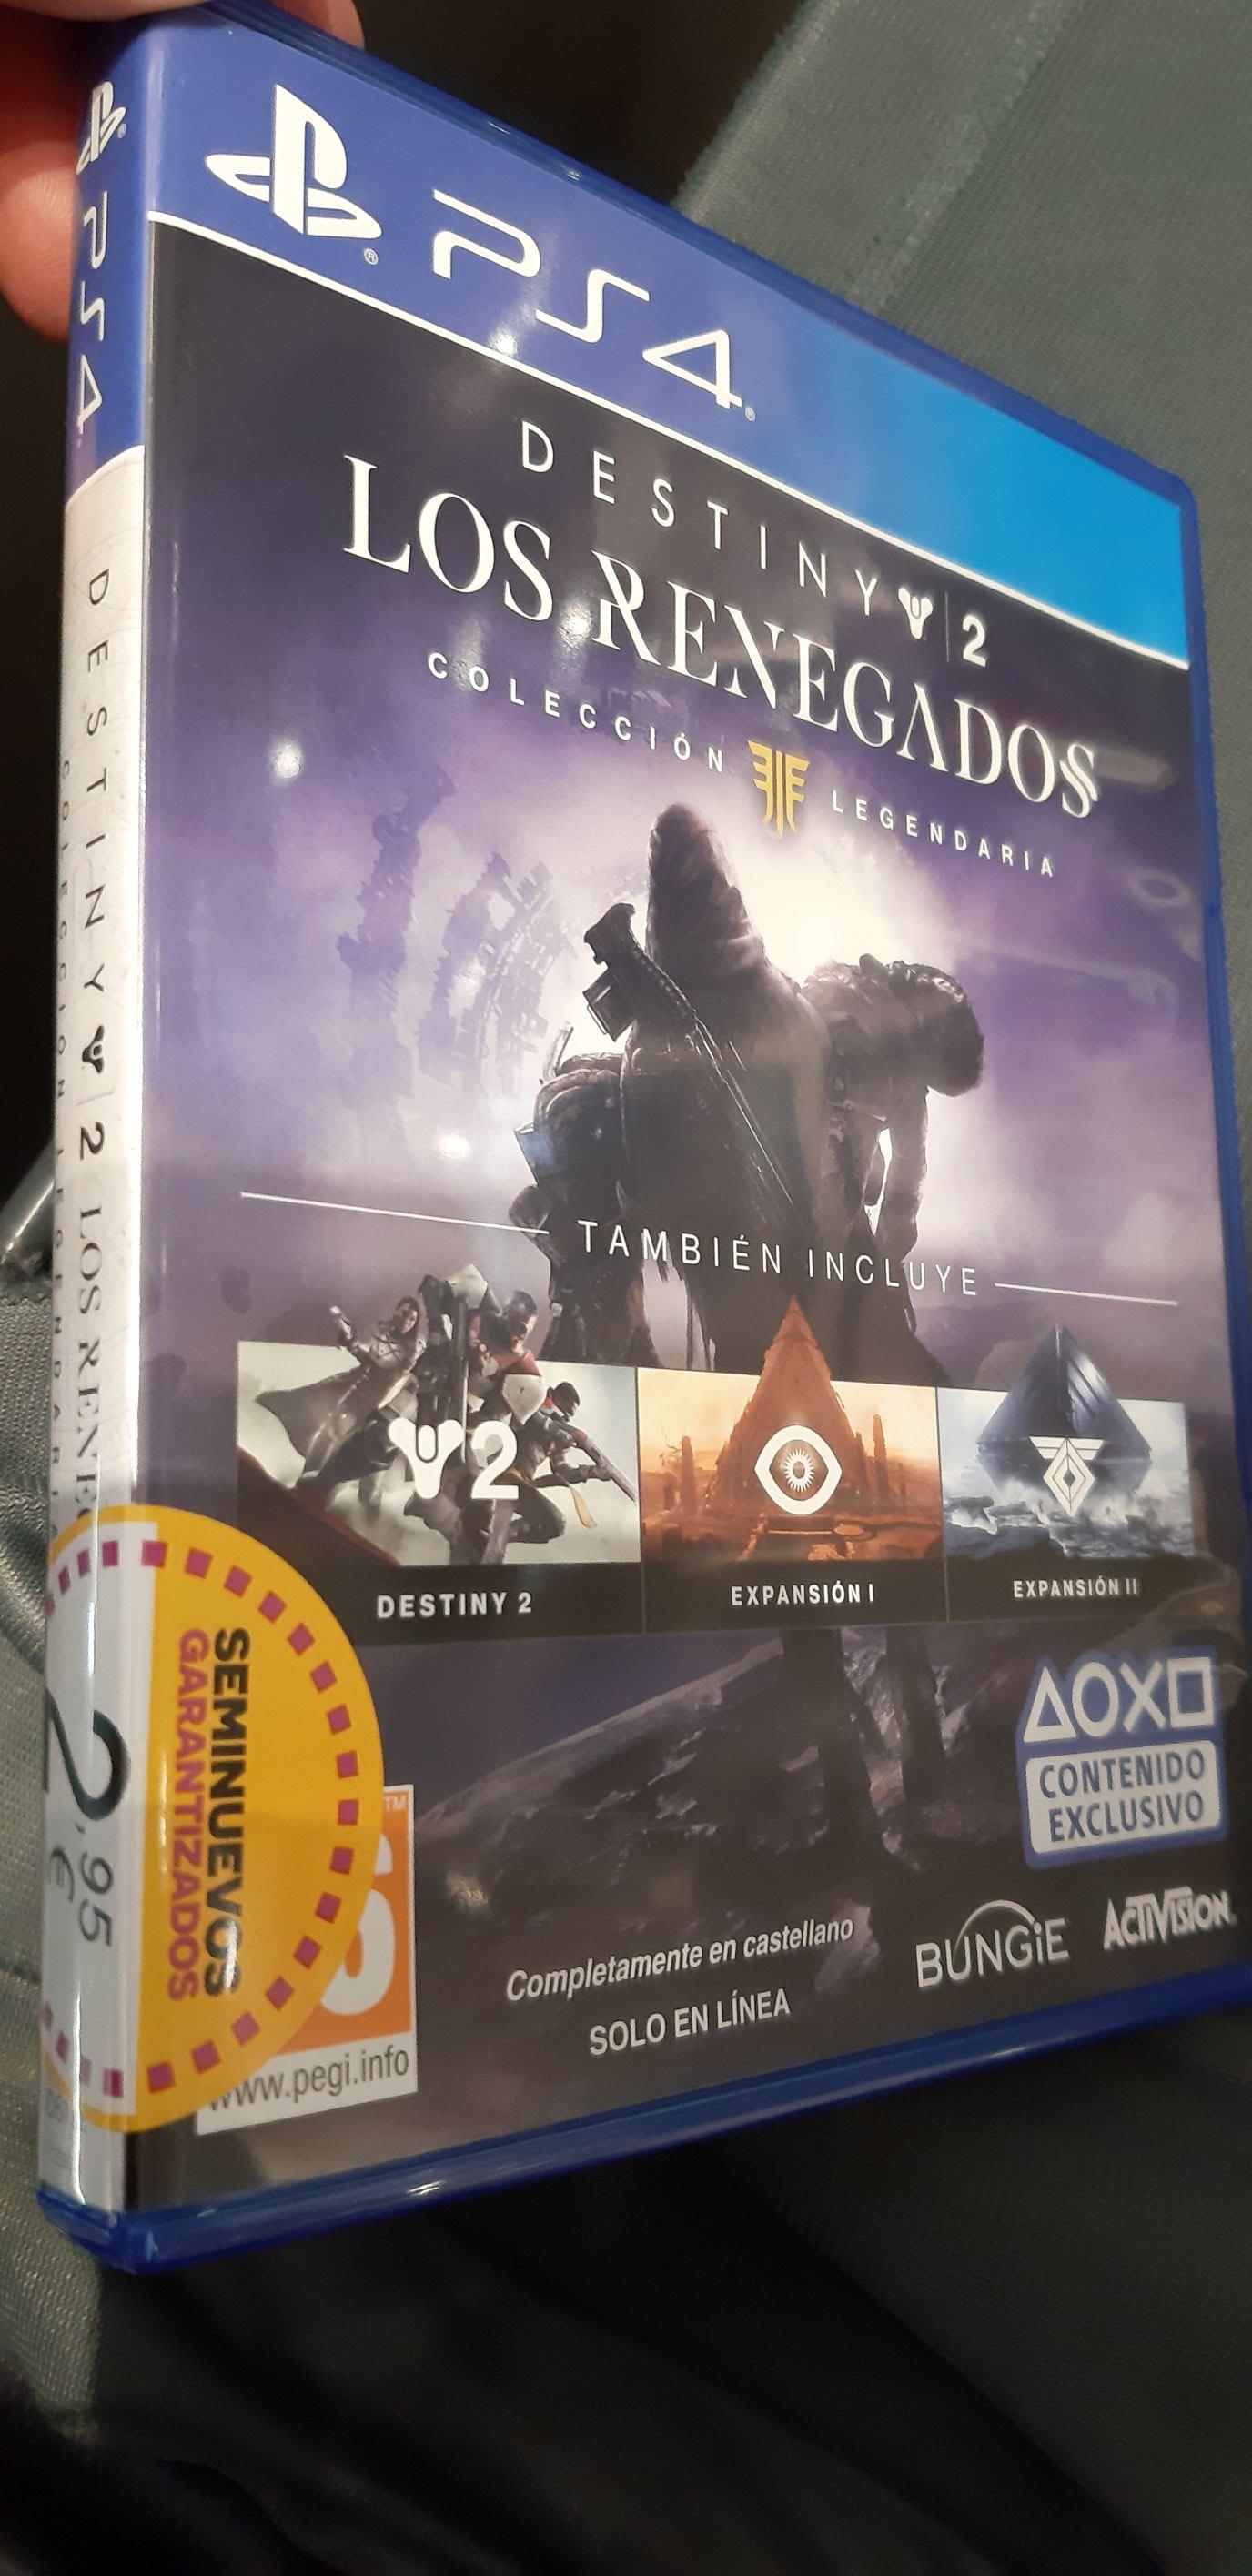 Destiny 2 - Los renegados - Colección Legendaria - Game REACOS